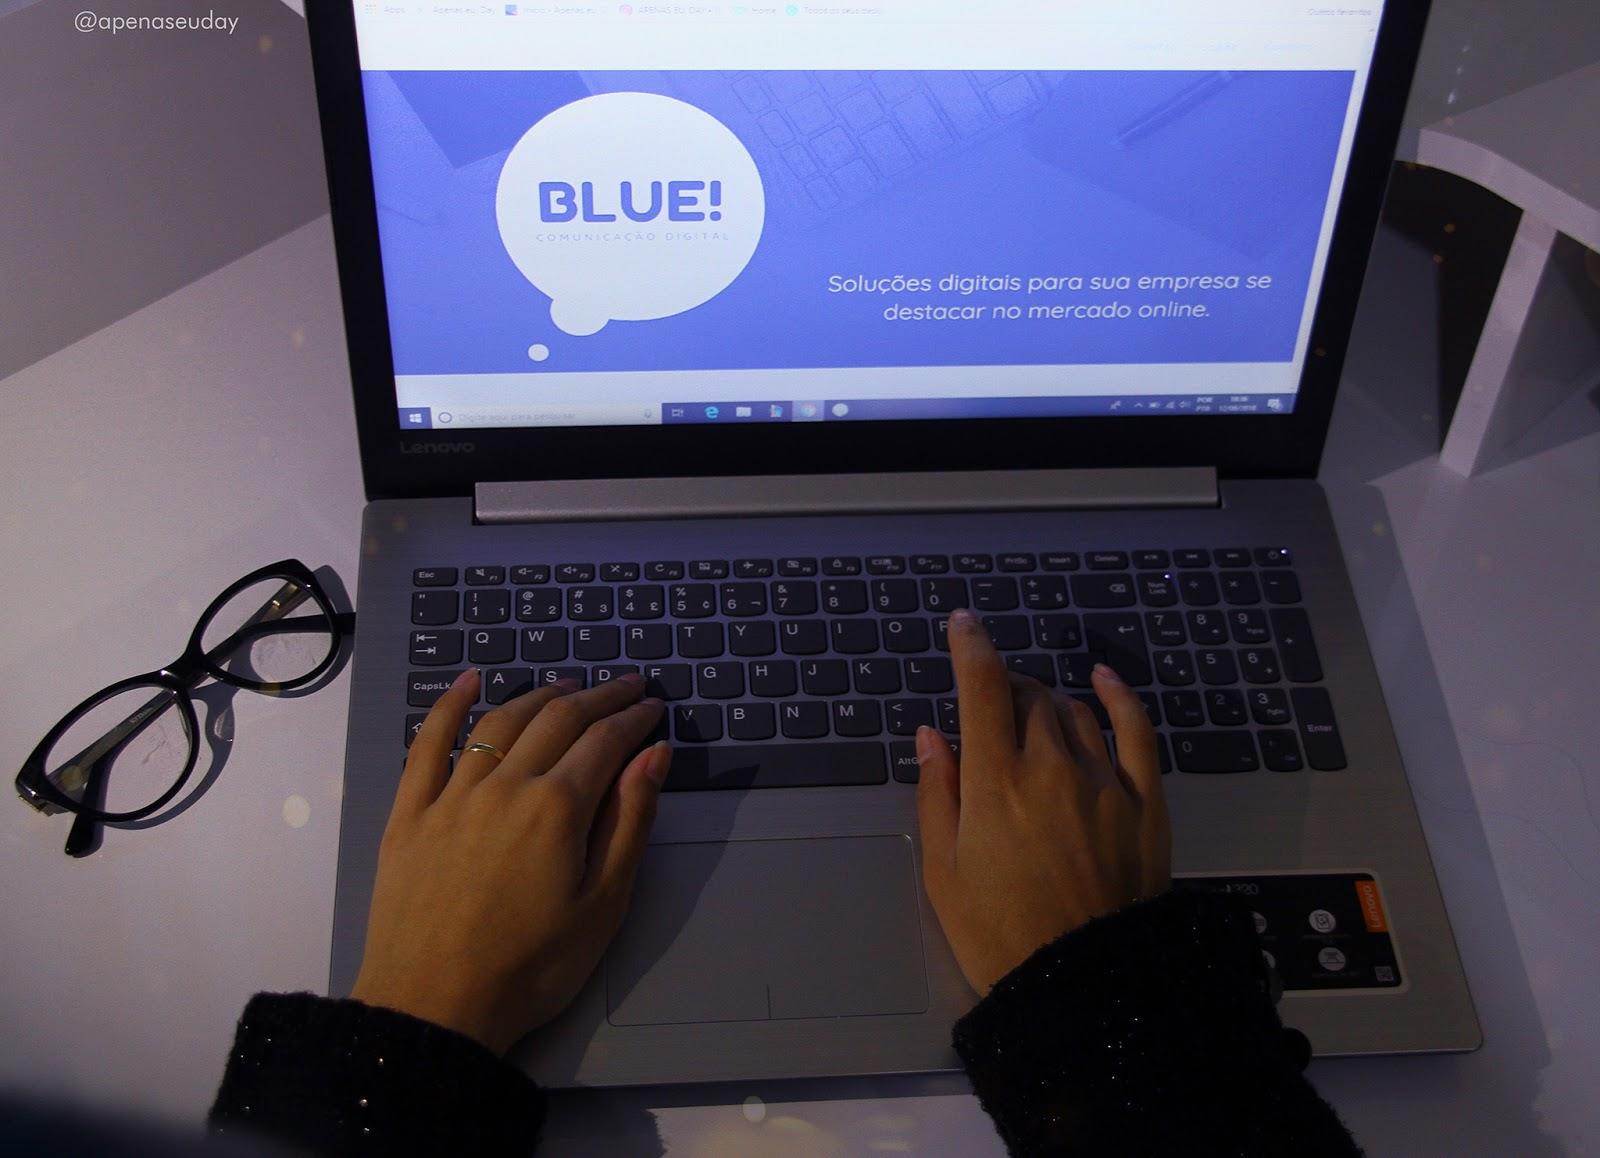 Conheça a Blue! Comunicação Digital, empresa de marketing digital que fará seu negócio de destacar no mercado online. Acesse agora!